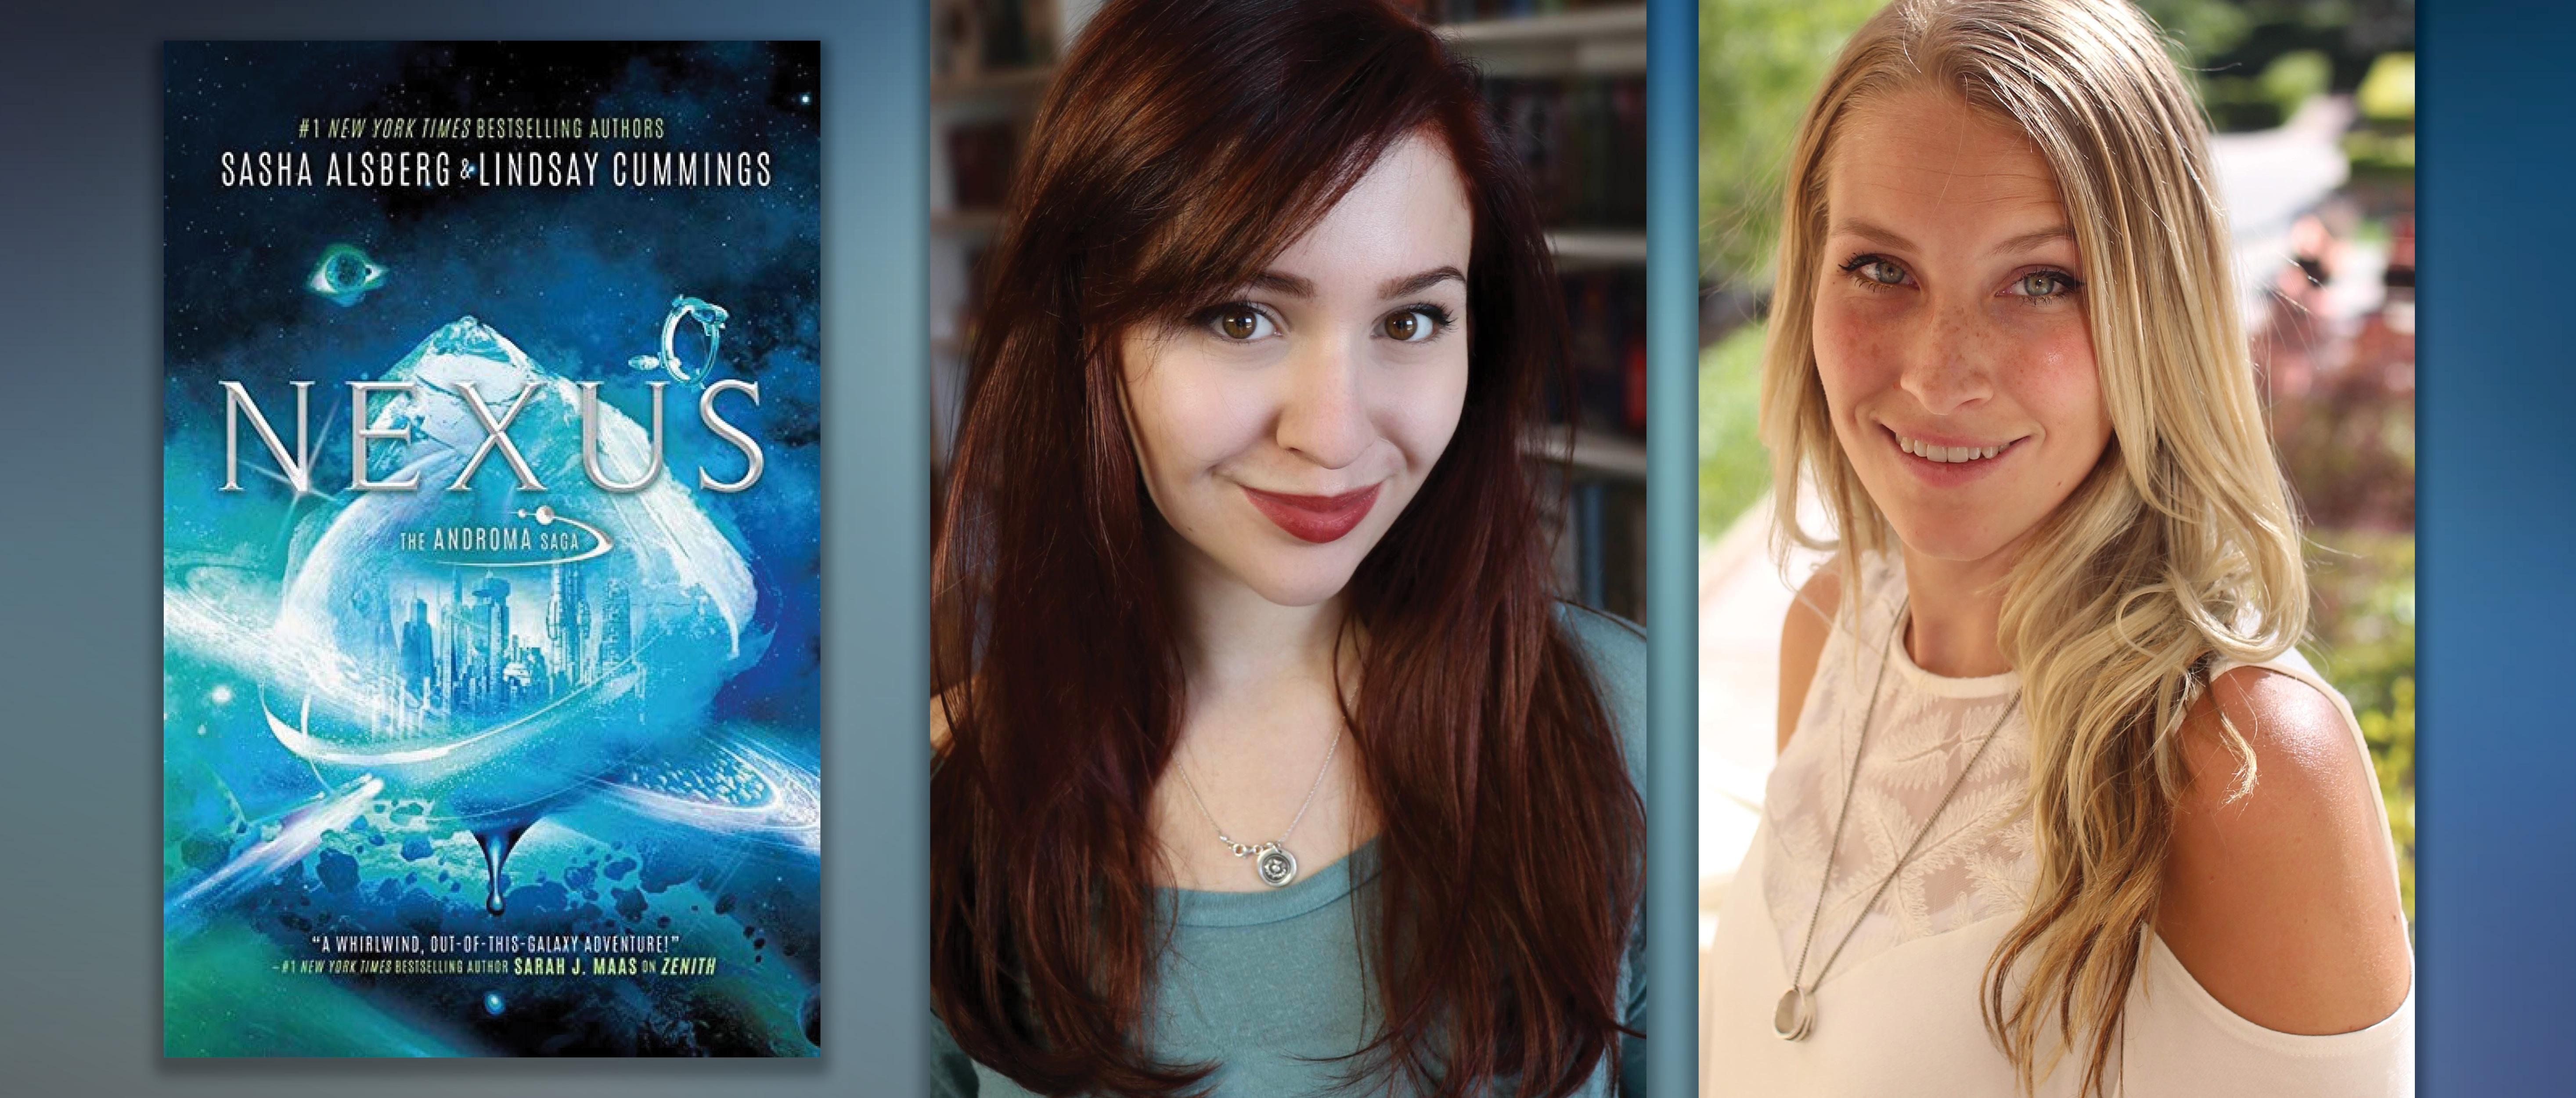 Sasha Alsberg & Lindsay Cummings